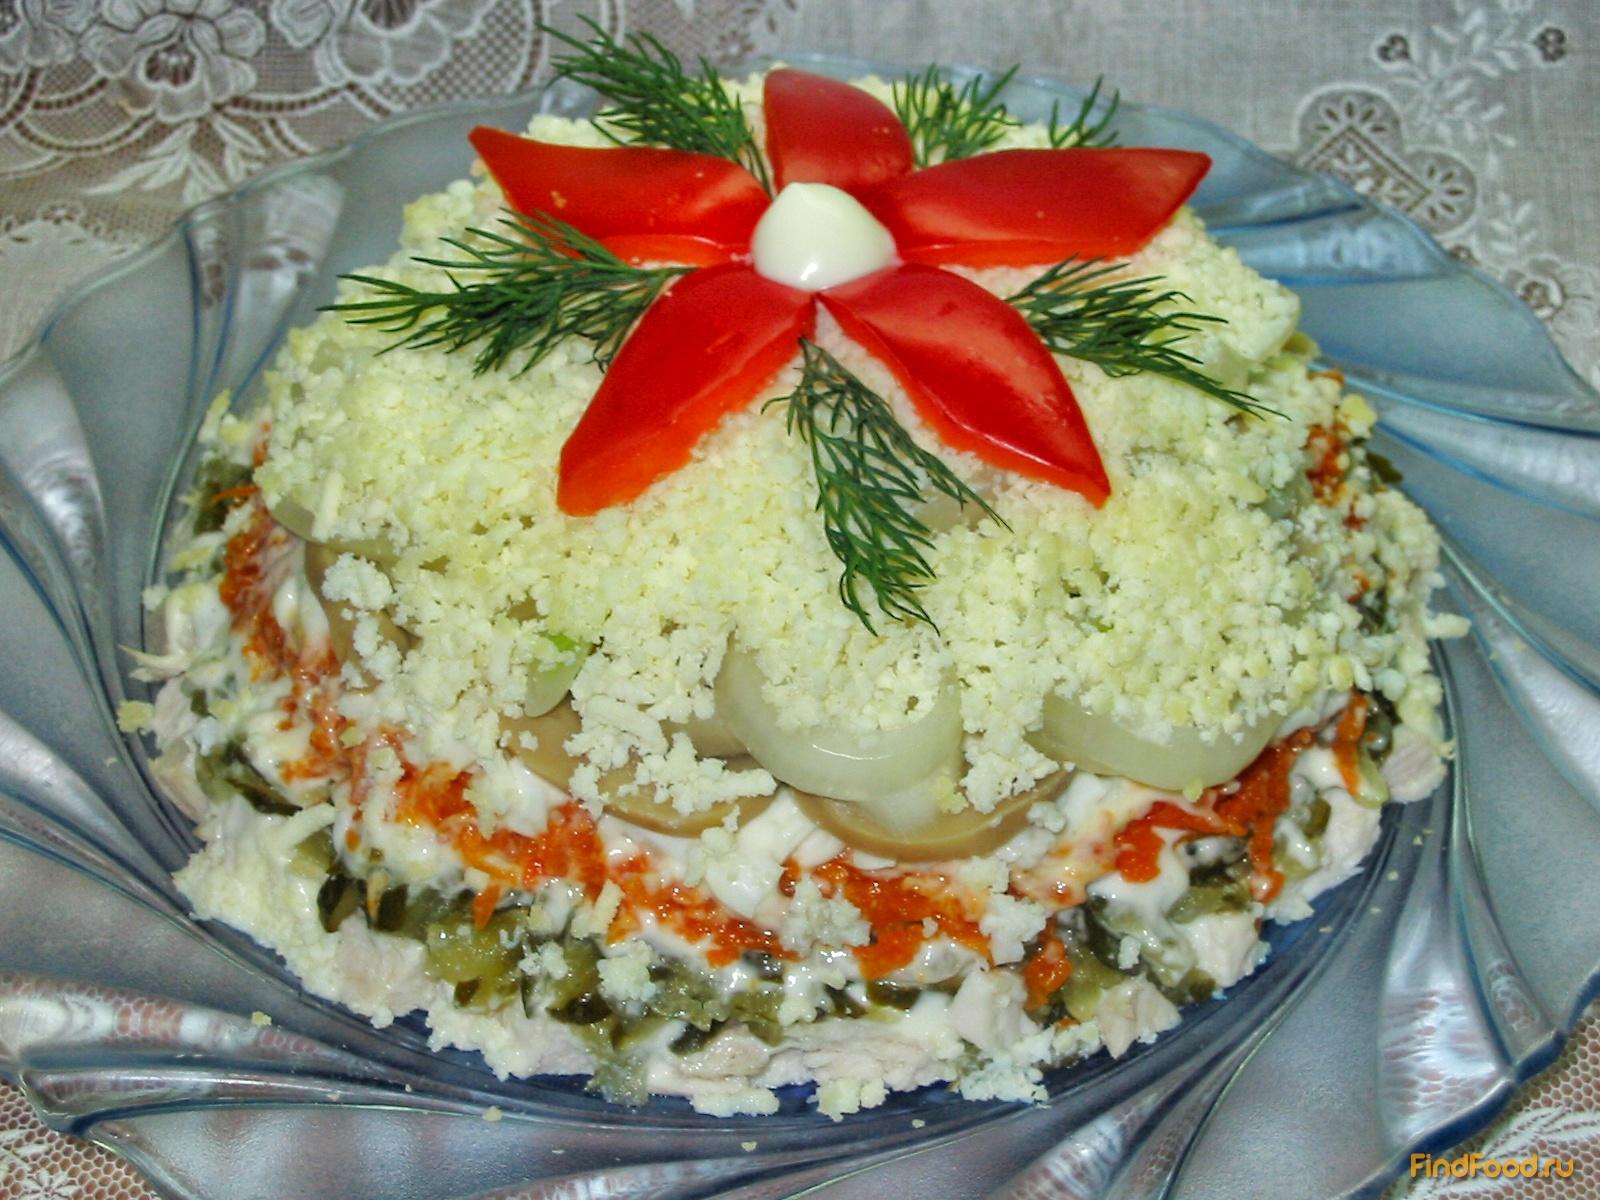 Салат слоями из шампиньонов и куриной грудки рецепт пошагово